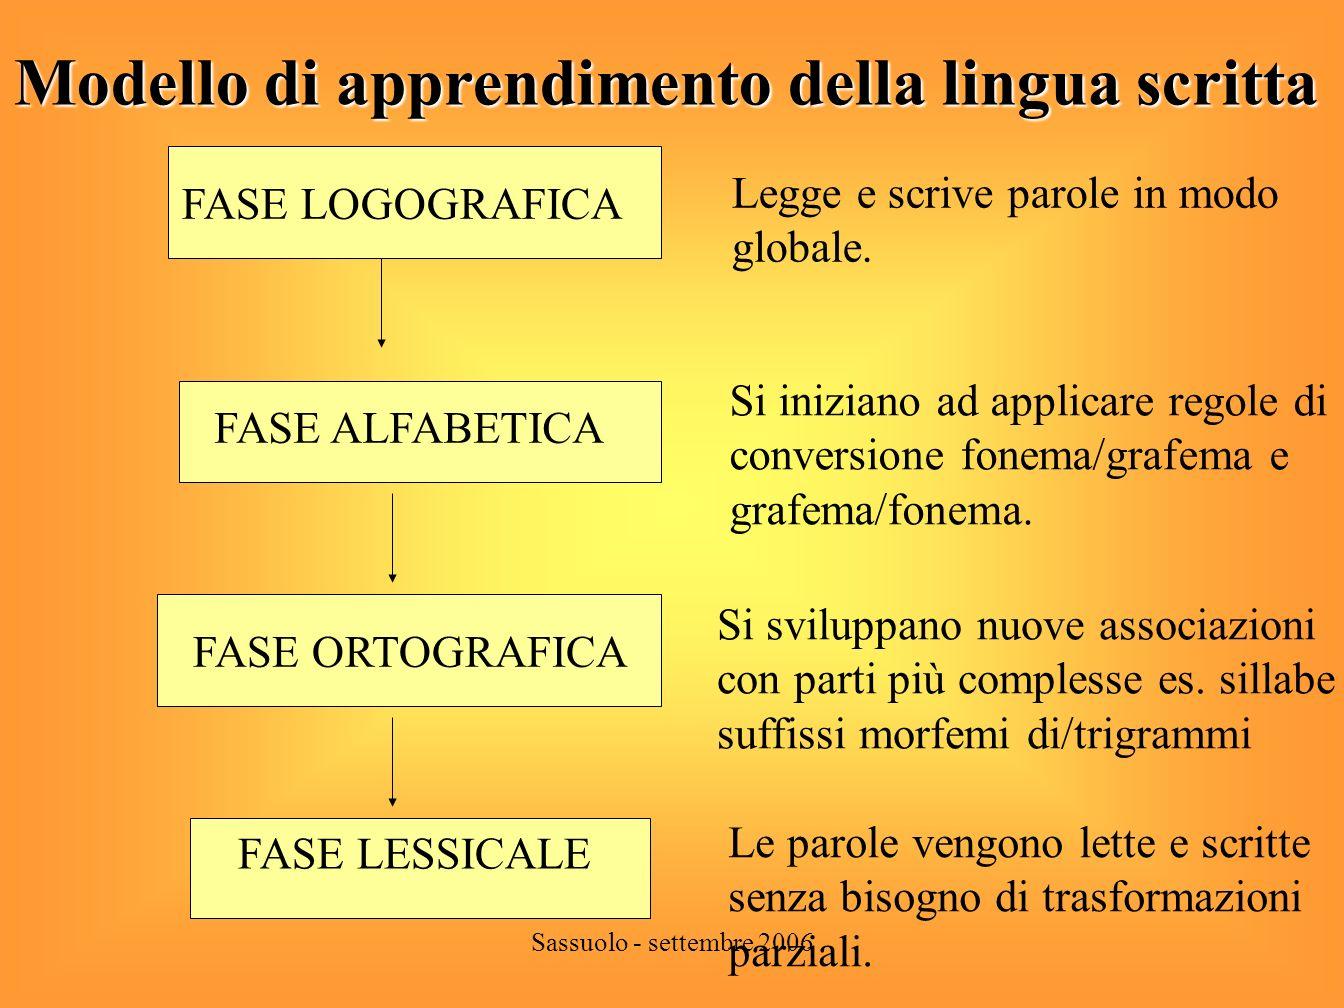 Modello di apprendimento della lingua scritta